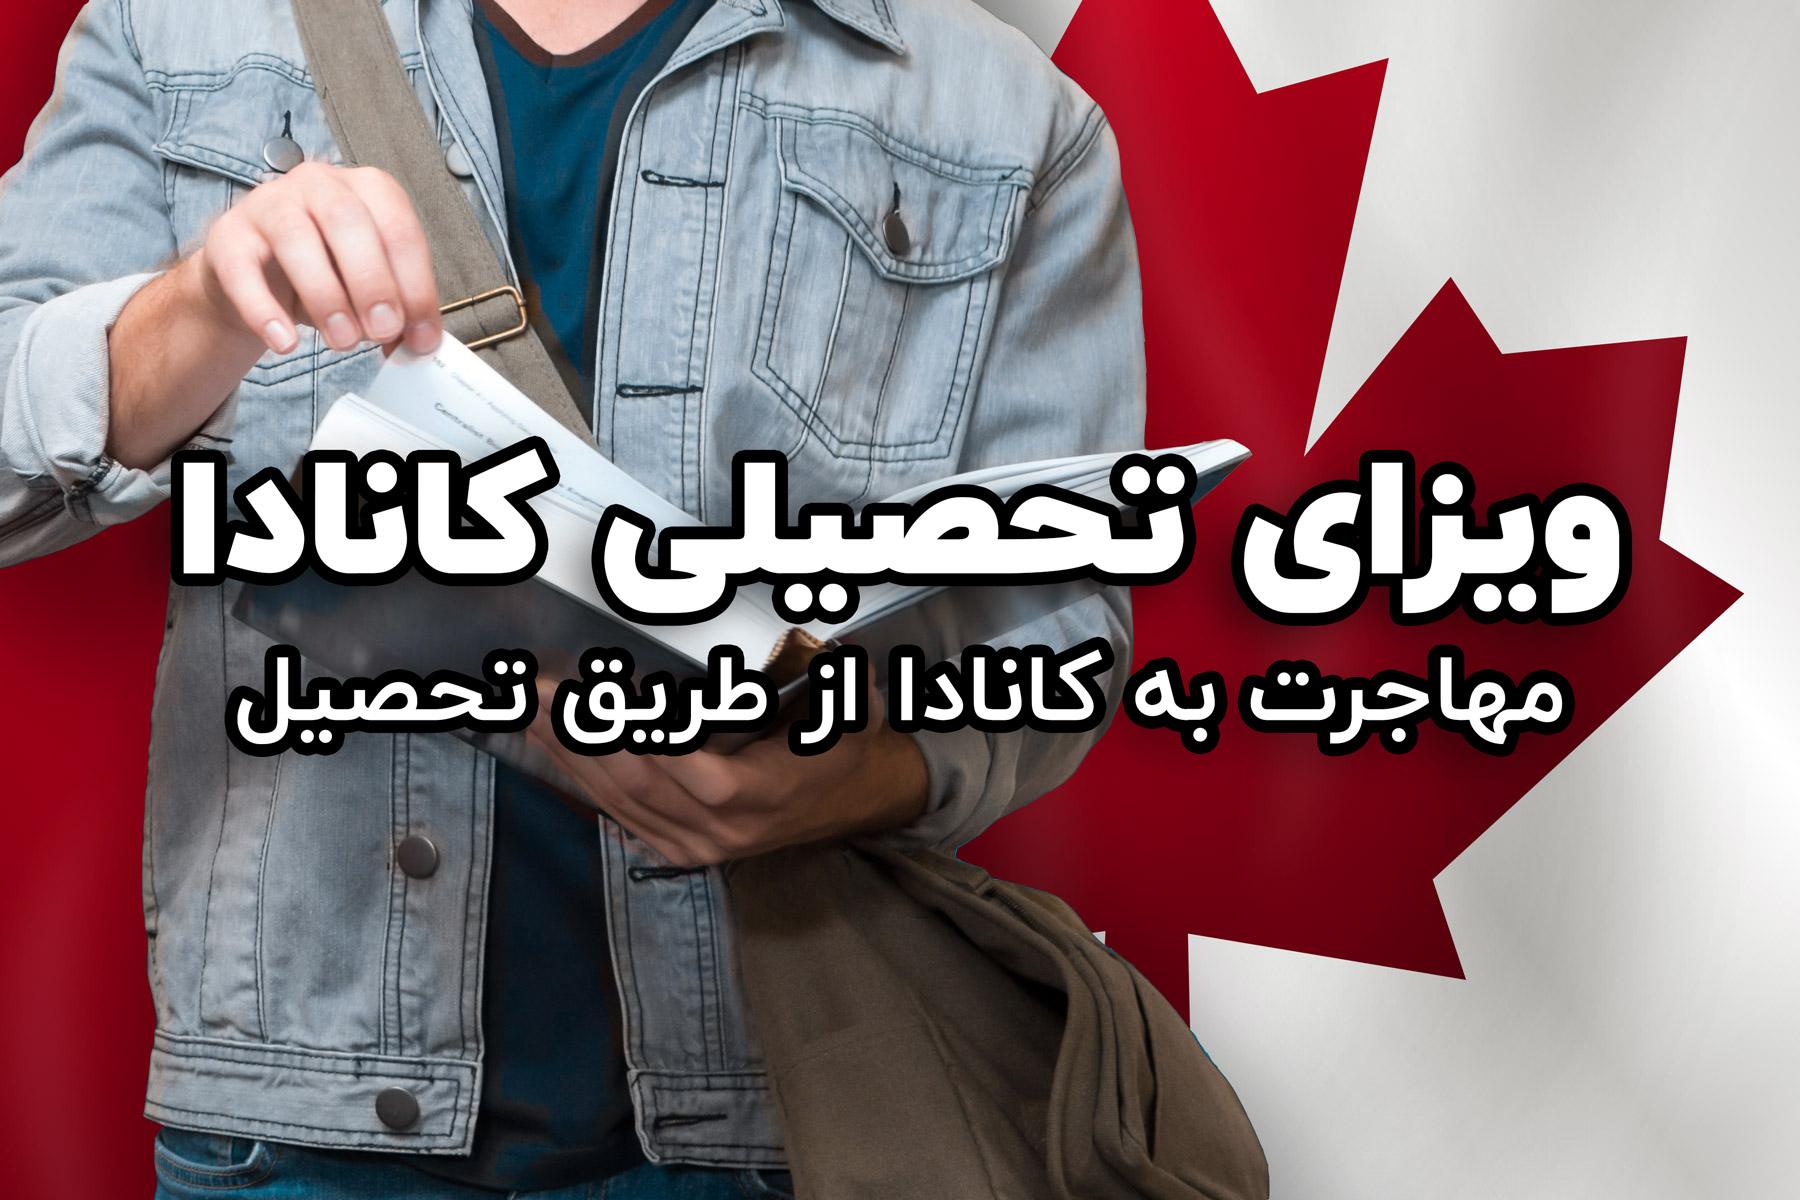 شیوه های مهاجرت به کانادا